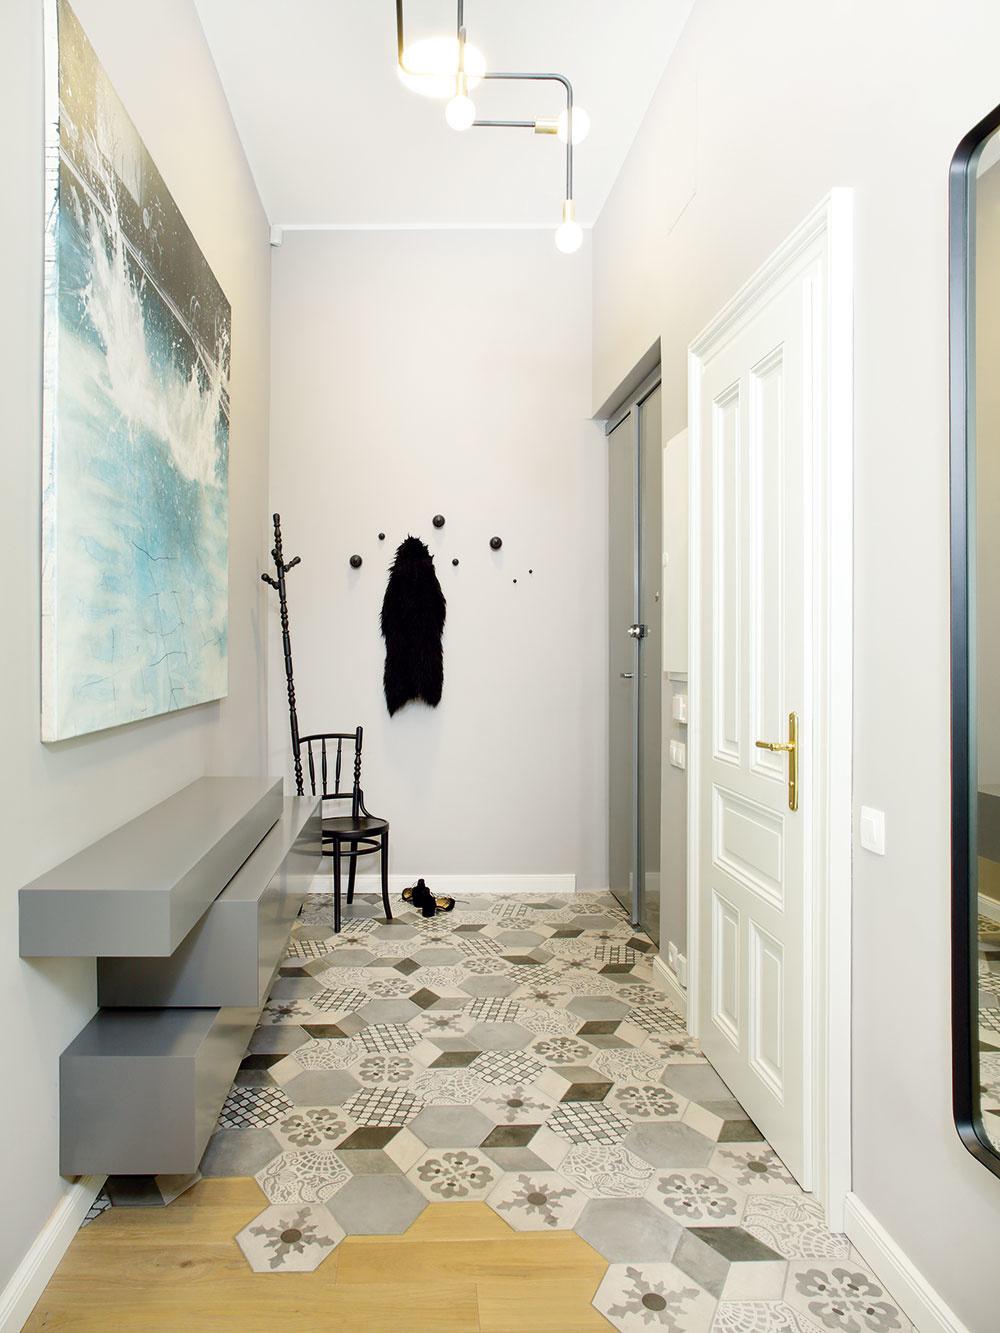 Zklasickej chodby, vedúcej stredom historického bytu, boli prístupné dve miestnosti na každej strane. Zmeny vdispozícii vymysleli autorky tak, aby viedli kúčelnému využitiu každého štvorcového centimetra. Už vstupná chodba je riešená nanajvýš prakticky azároveň sestetikou vlastnou celému bytu.